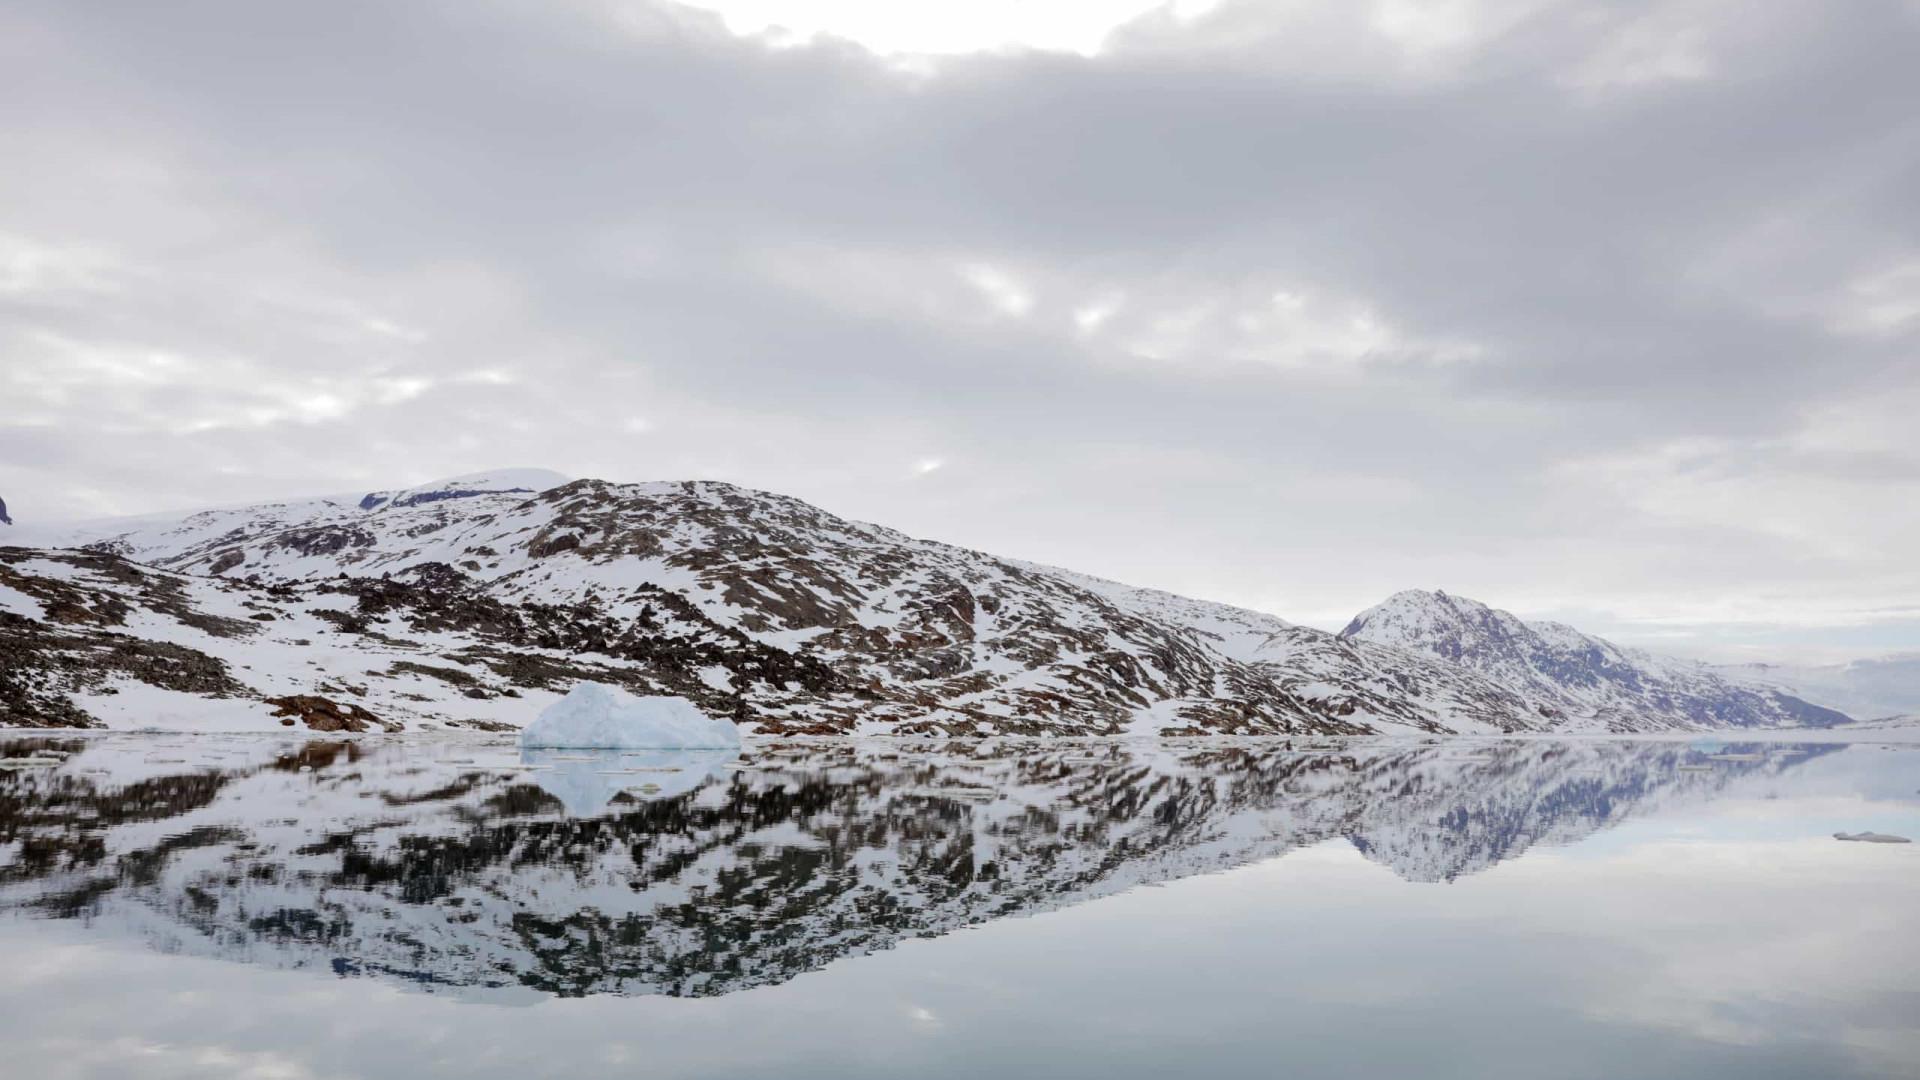 Gronelândia perdeu 7 vezes mais gelo nos últimos anos do que nos anos 90